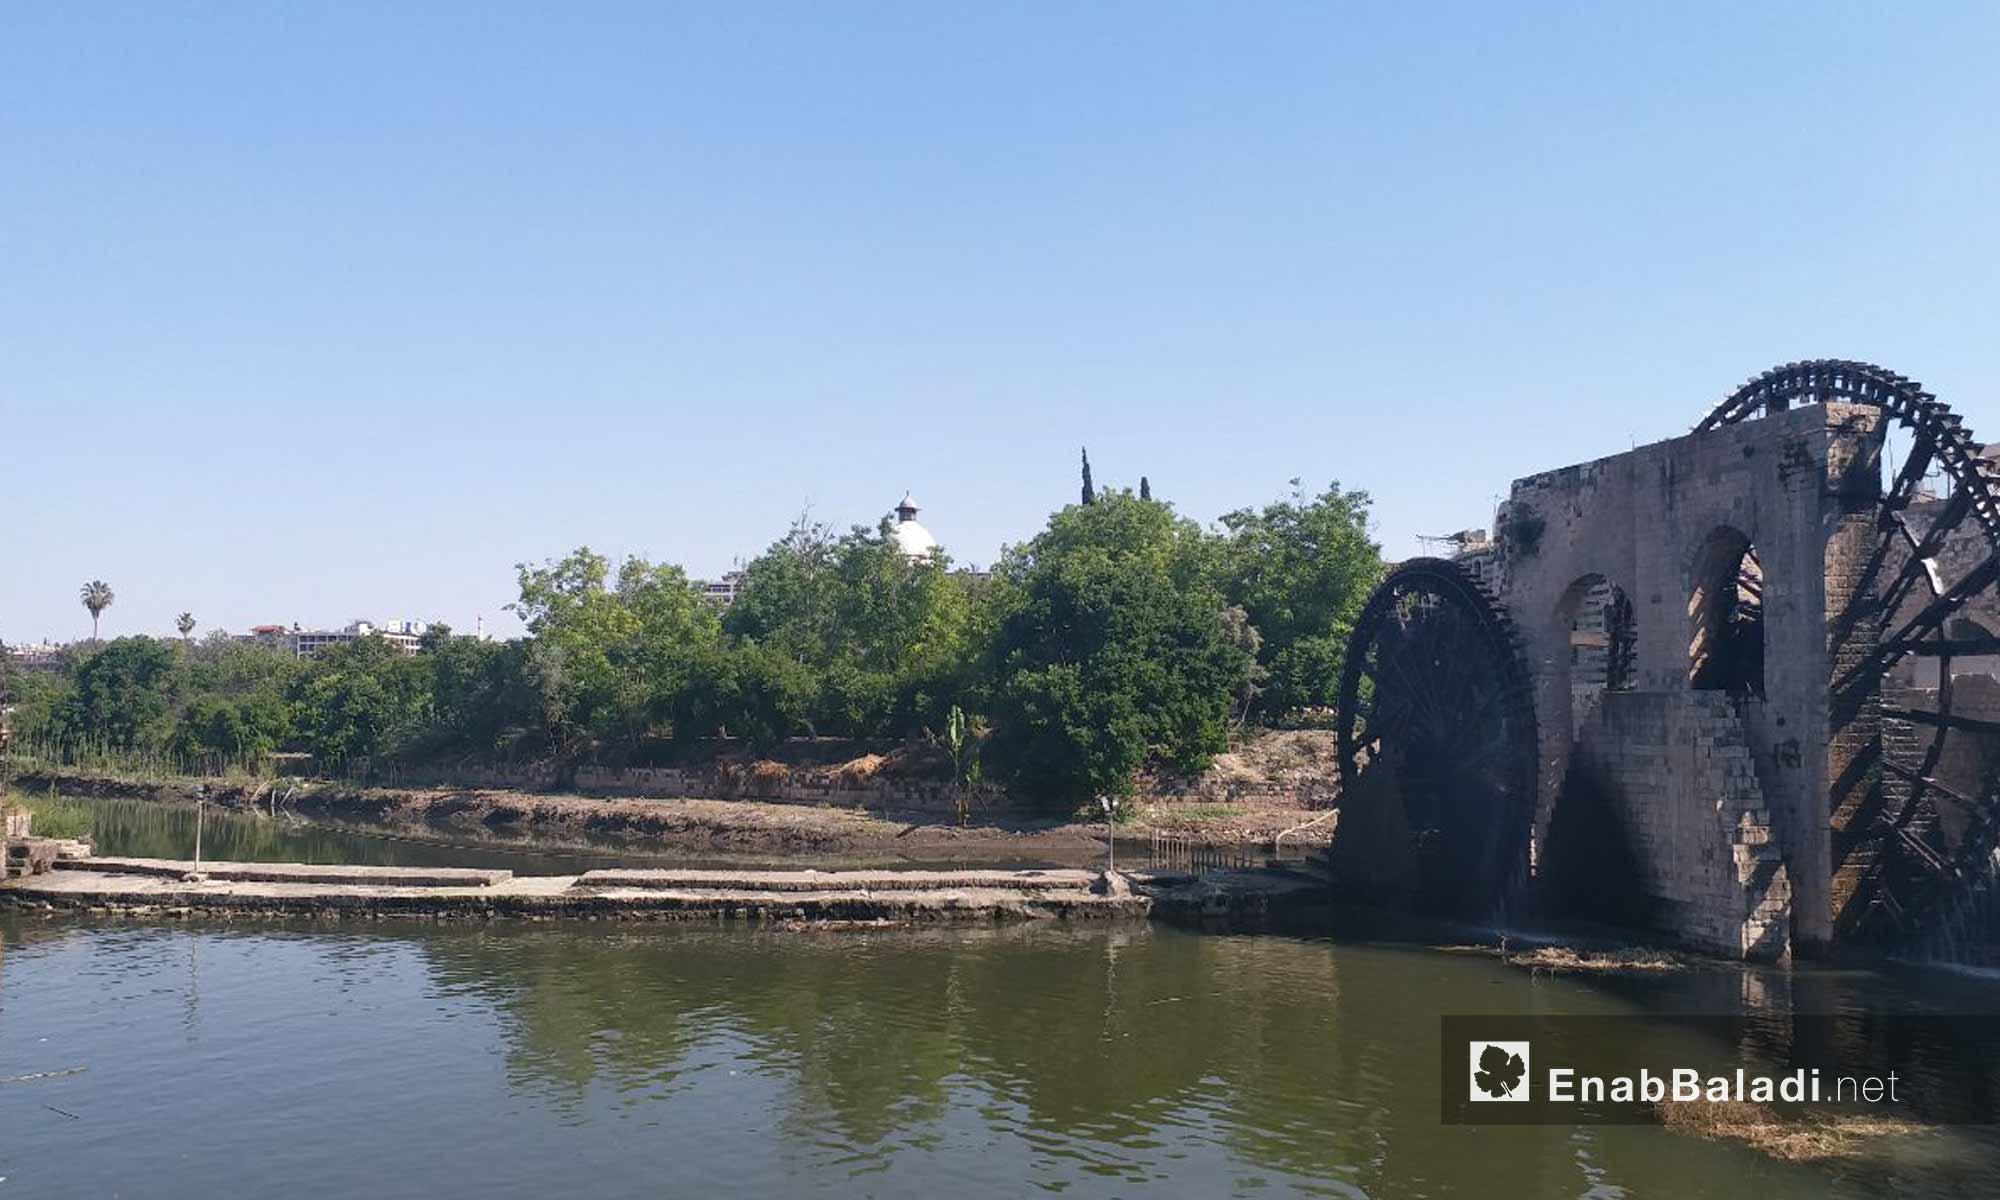 نواعير مدينة حماة على نهر العاصي - 18 من أيار 2019 (عنب بلدي)